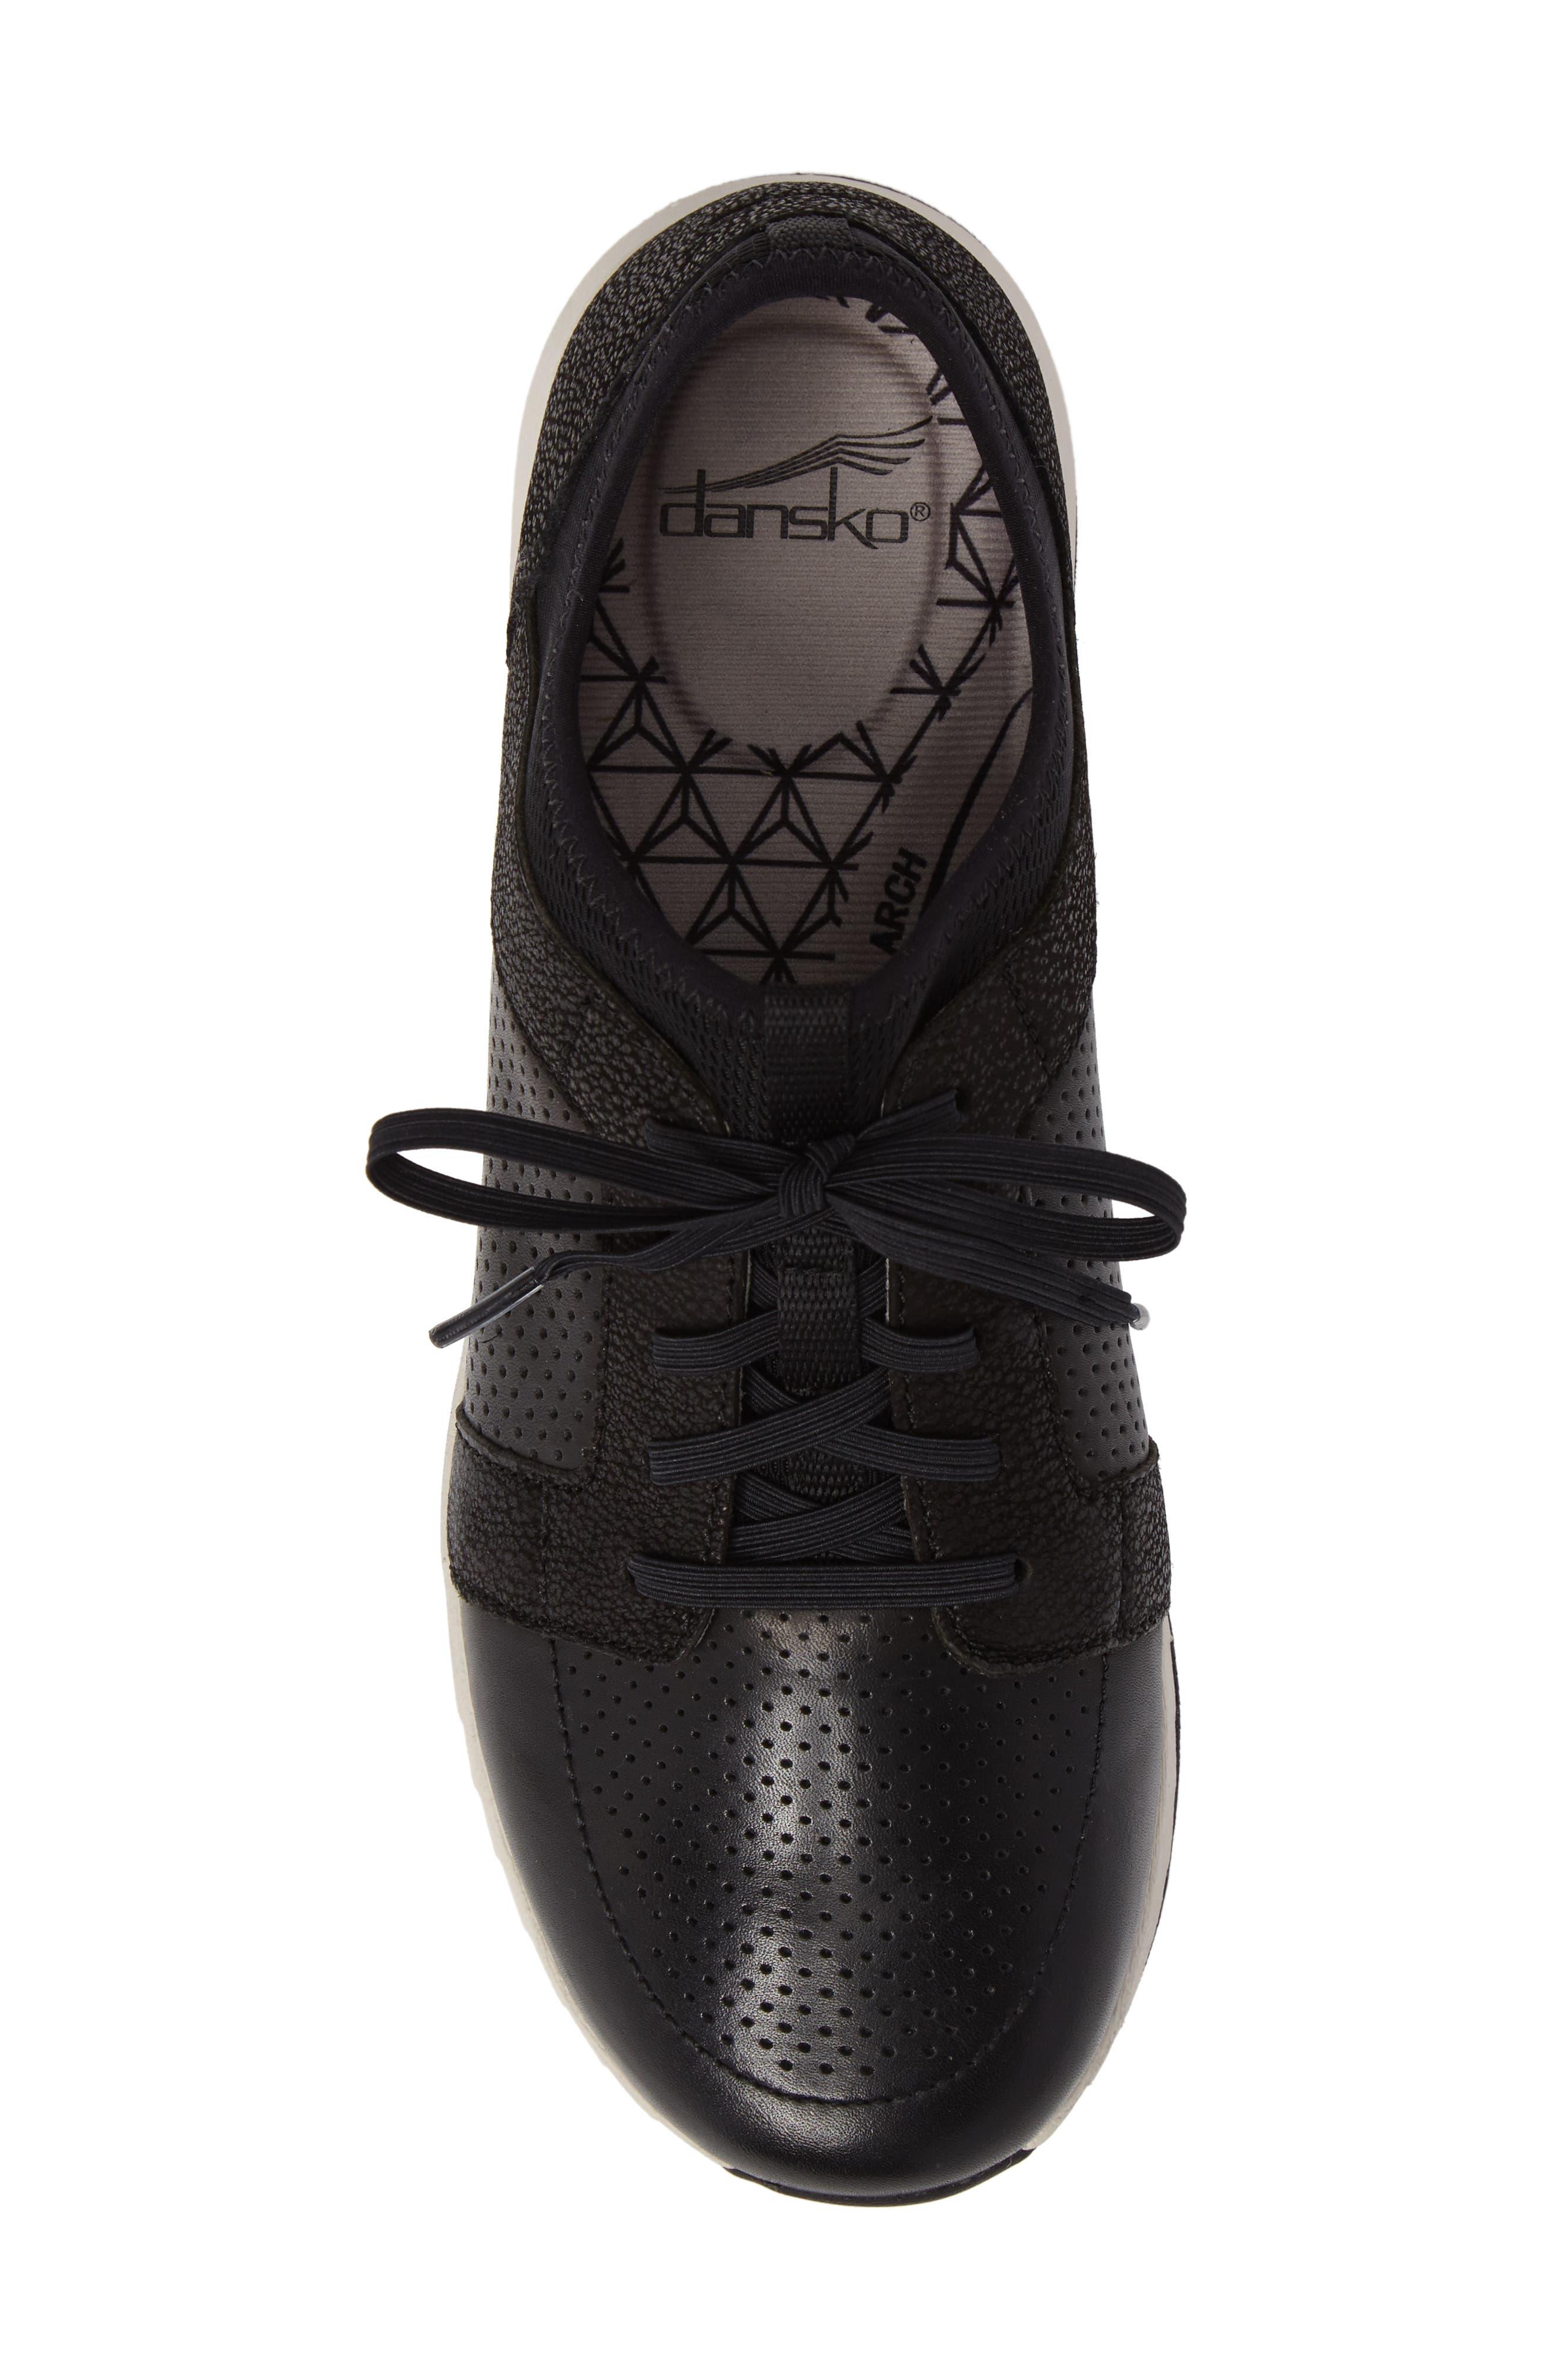 Cozette Slip-On Sneaker,                             Alternate thumbnail 5, color,                             001